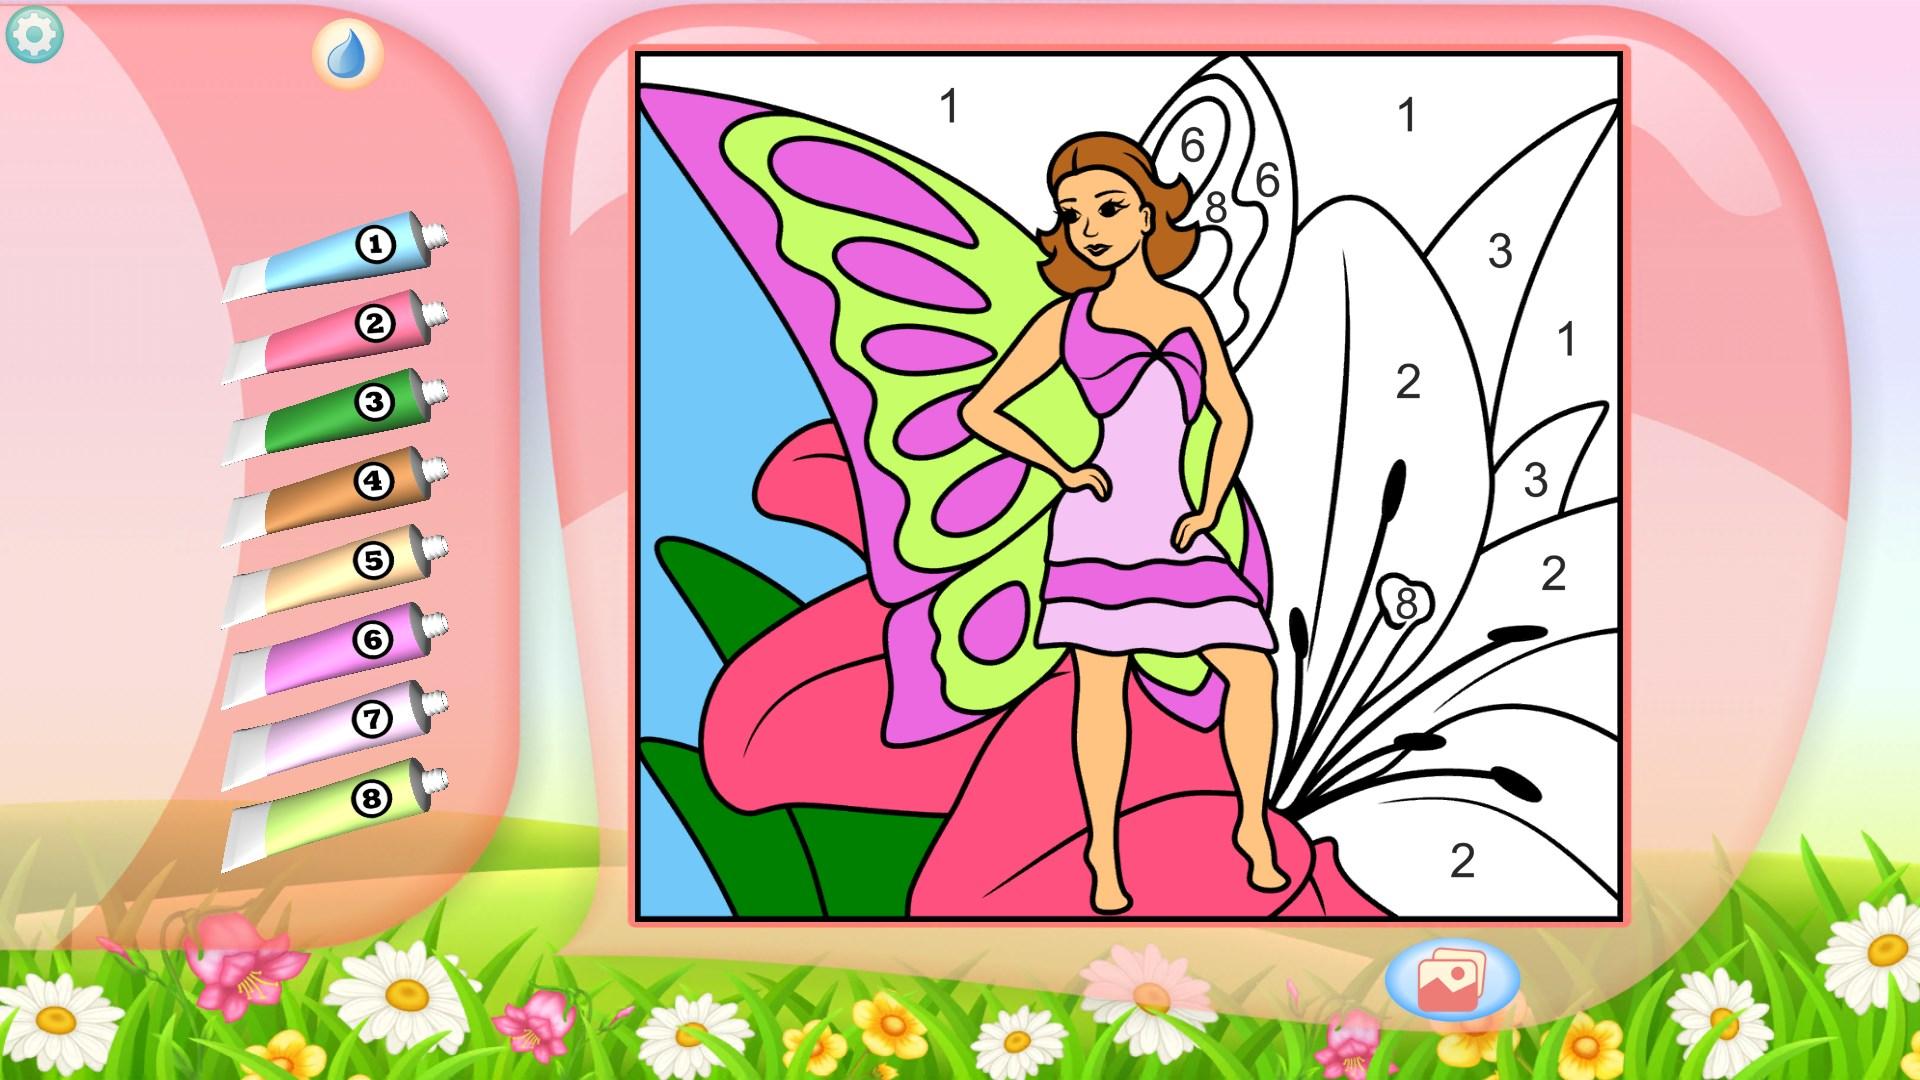 Раскраски играть онлайн для детей 4-5 лет